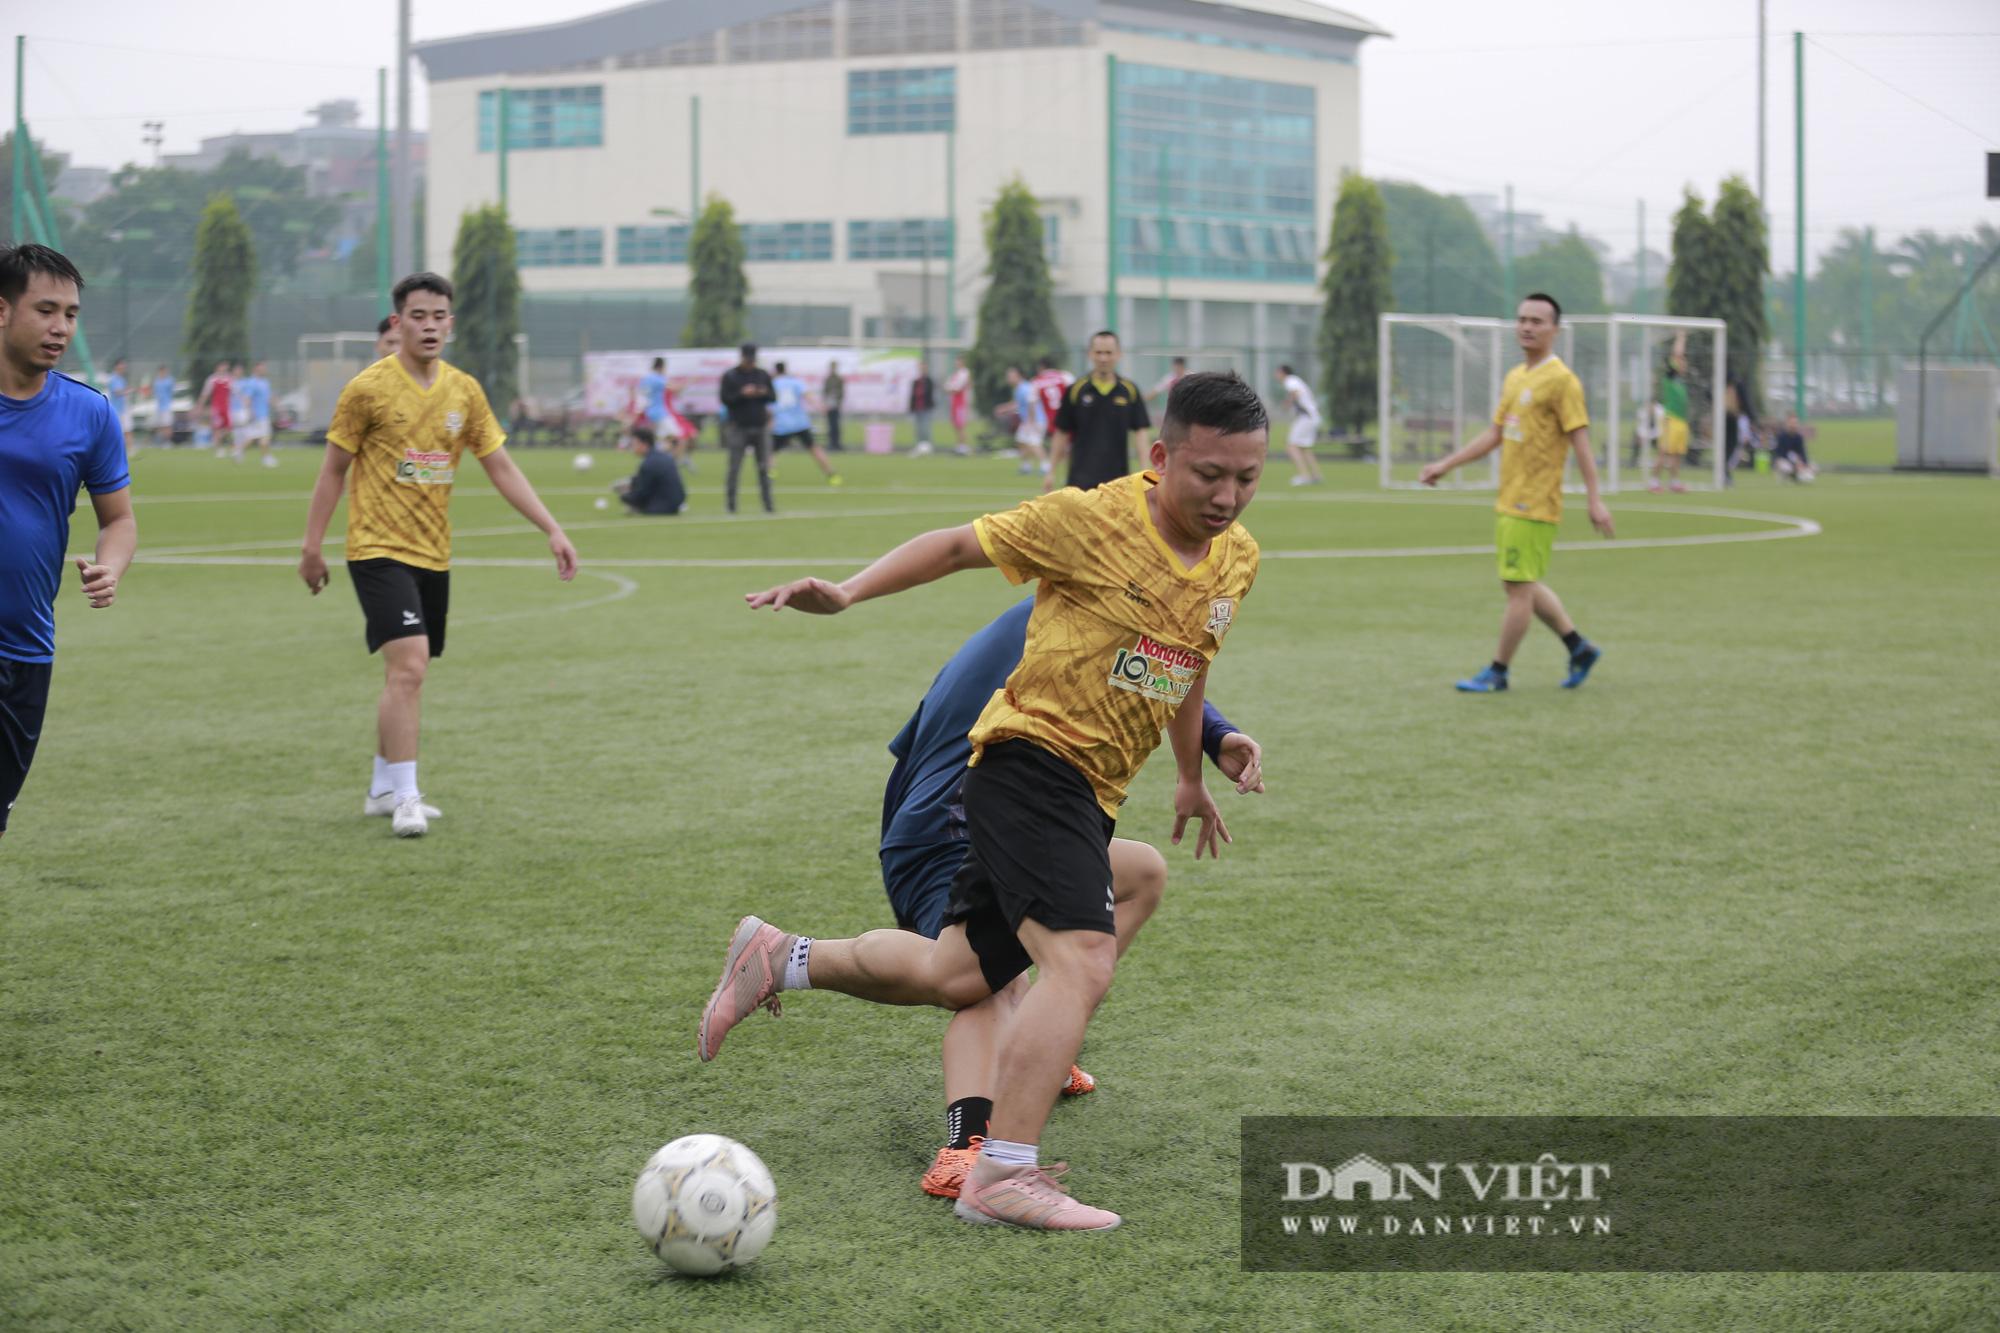 Khoảnh khắc lượt trận cuối cùng vòng bảng giải bóng đá báo NTNN/Dân Việt  - Ảnh 2.